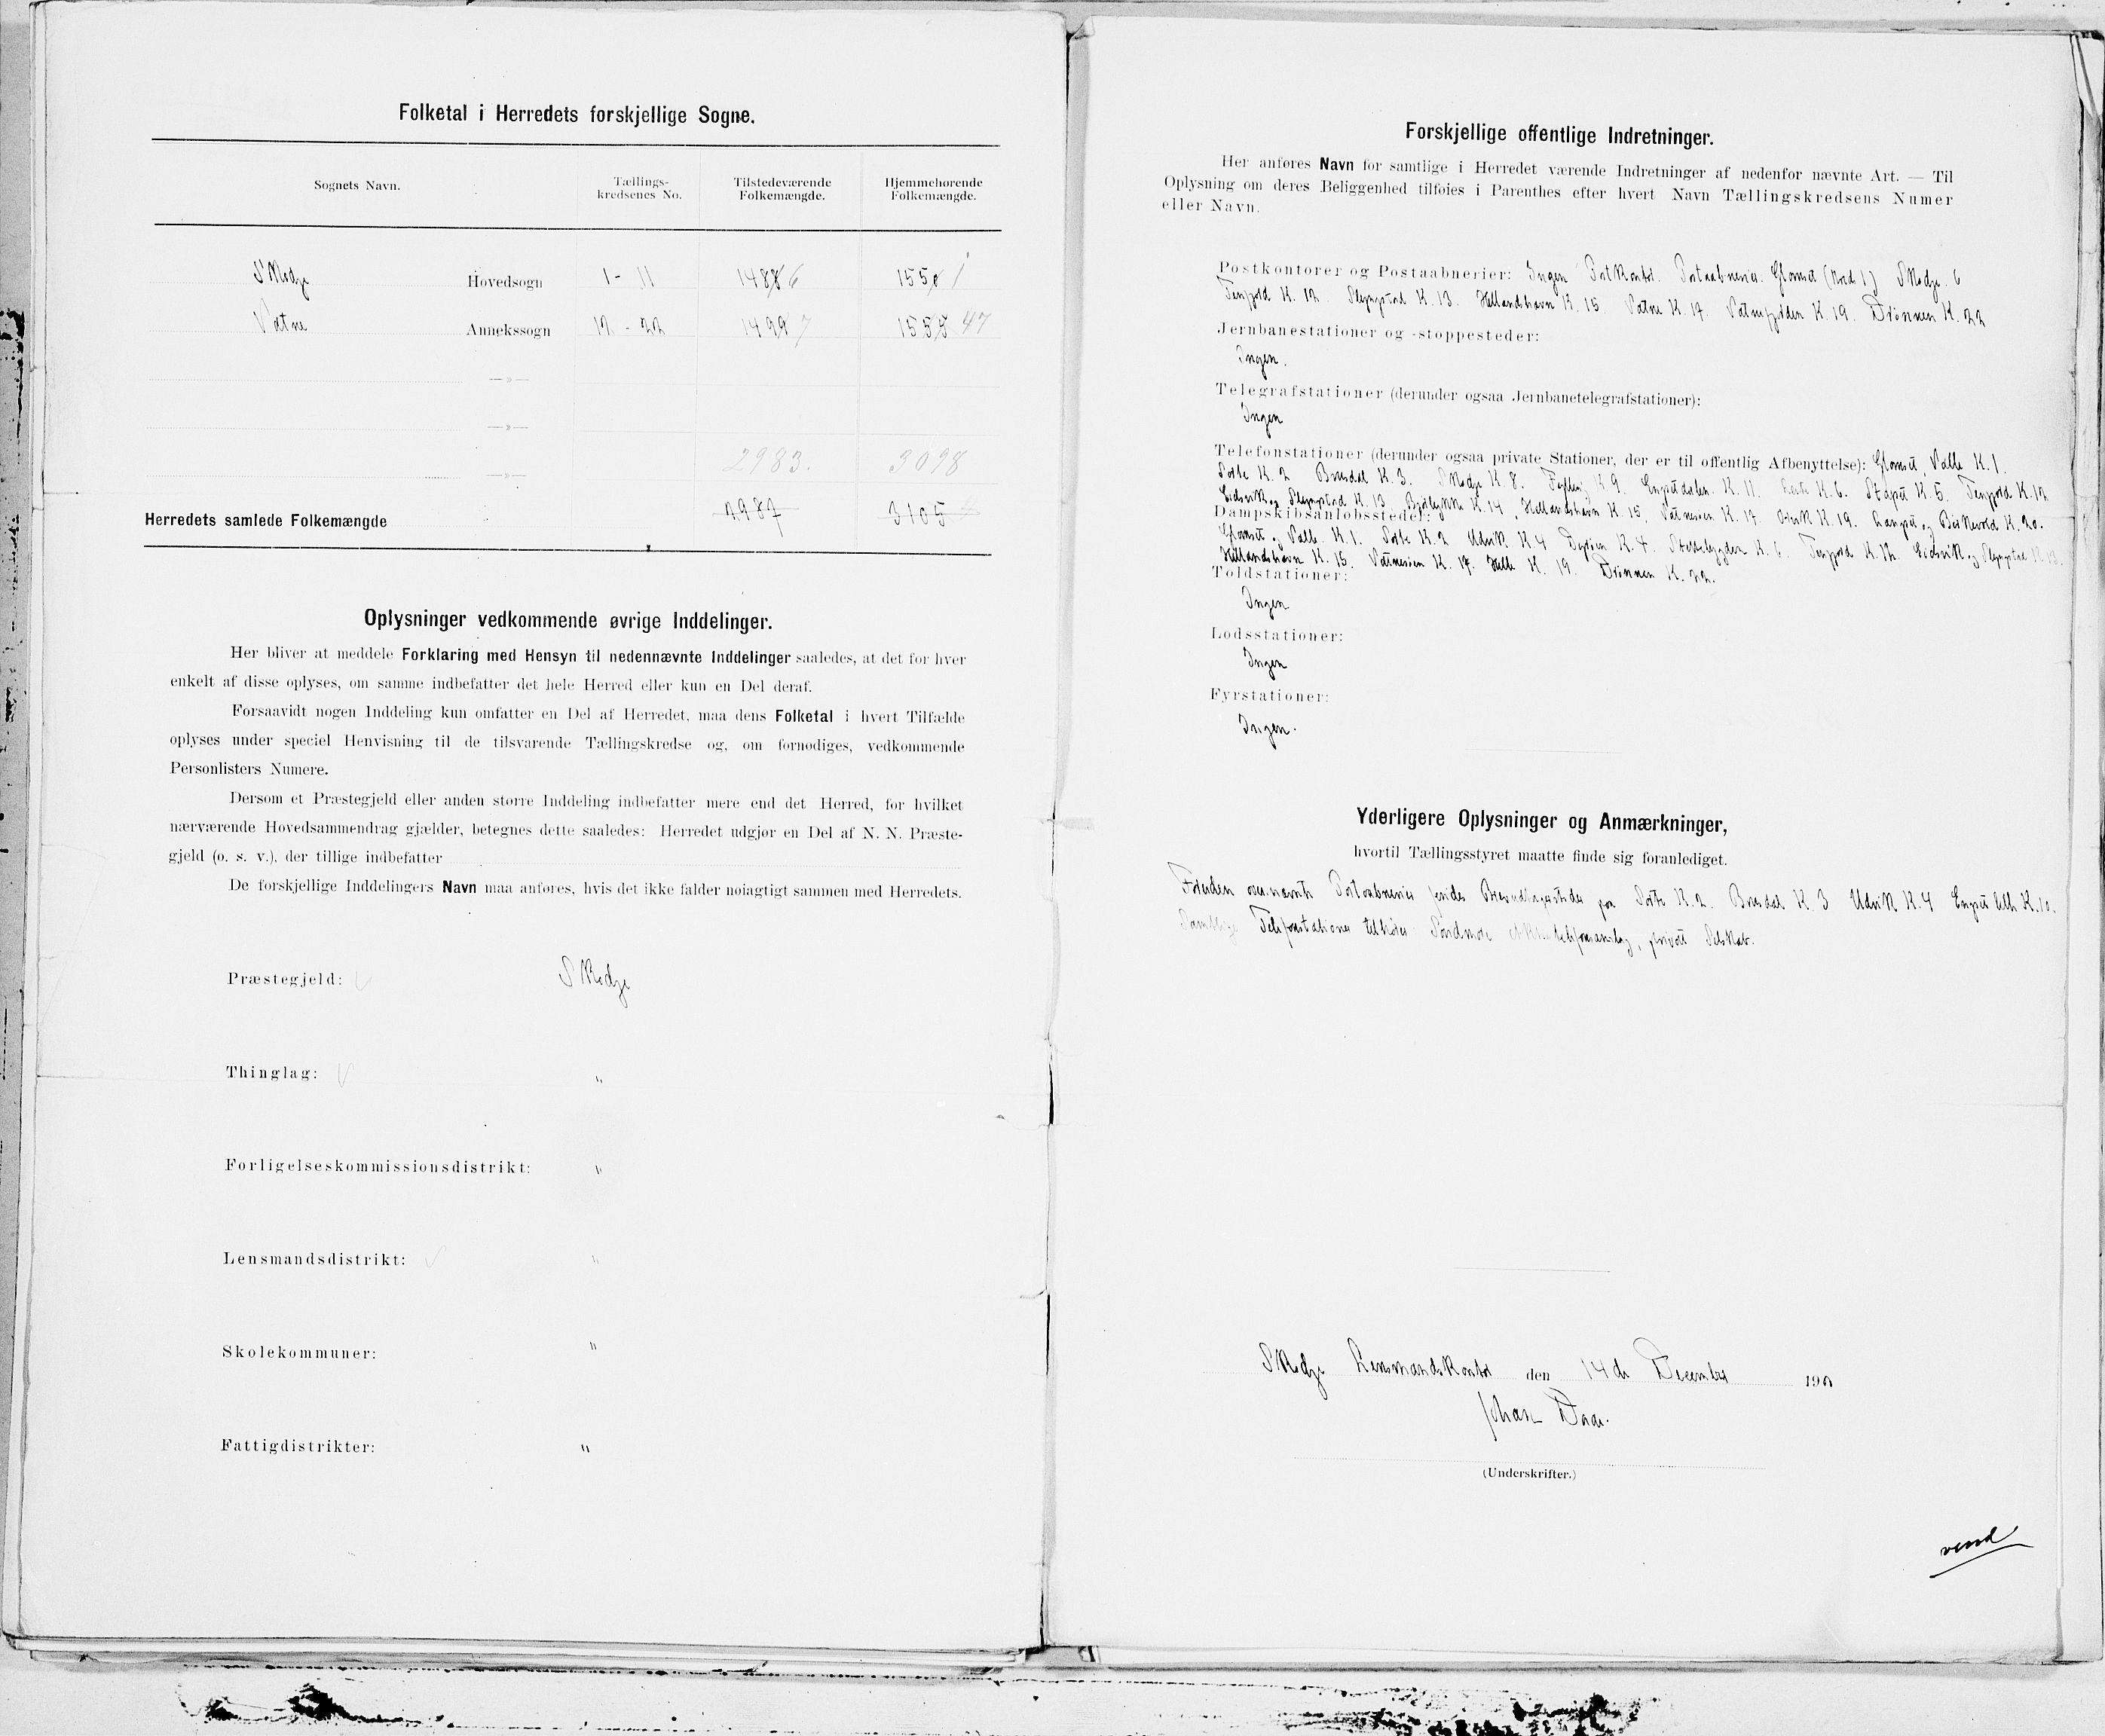 SAT, Folketelling 1900 for 1529 Skodje herred, 1900, s. 47